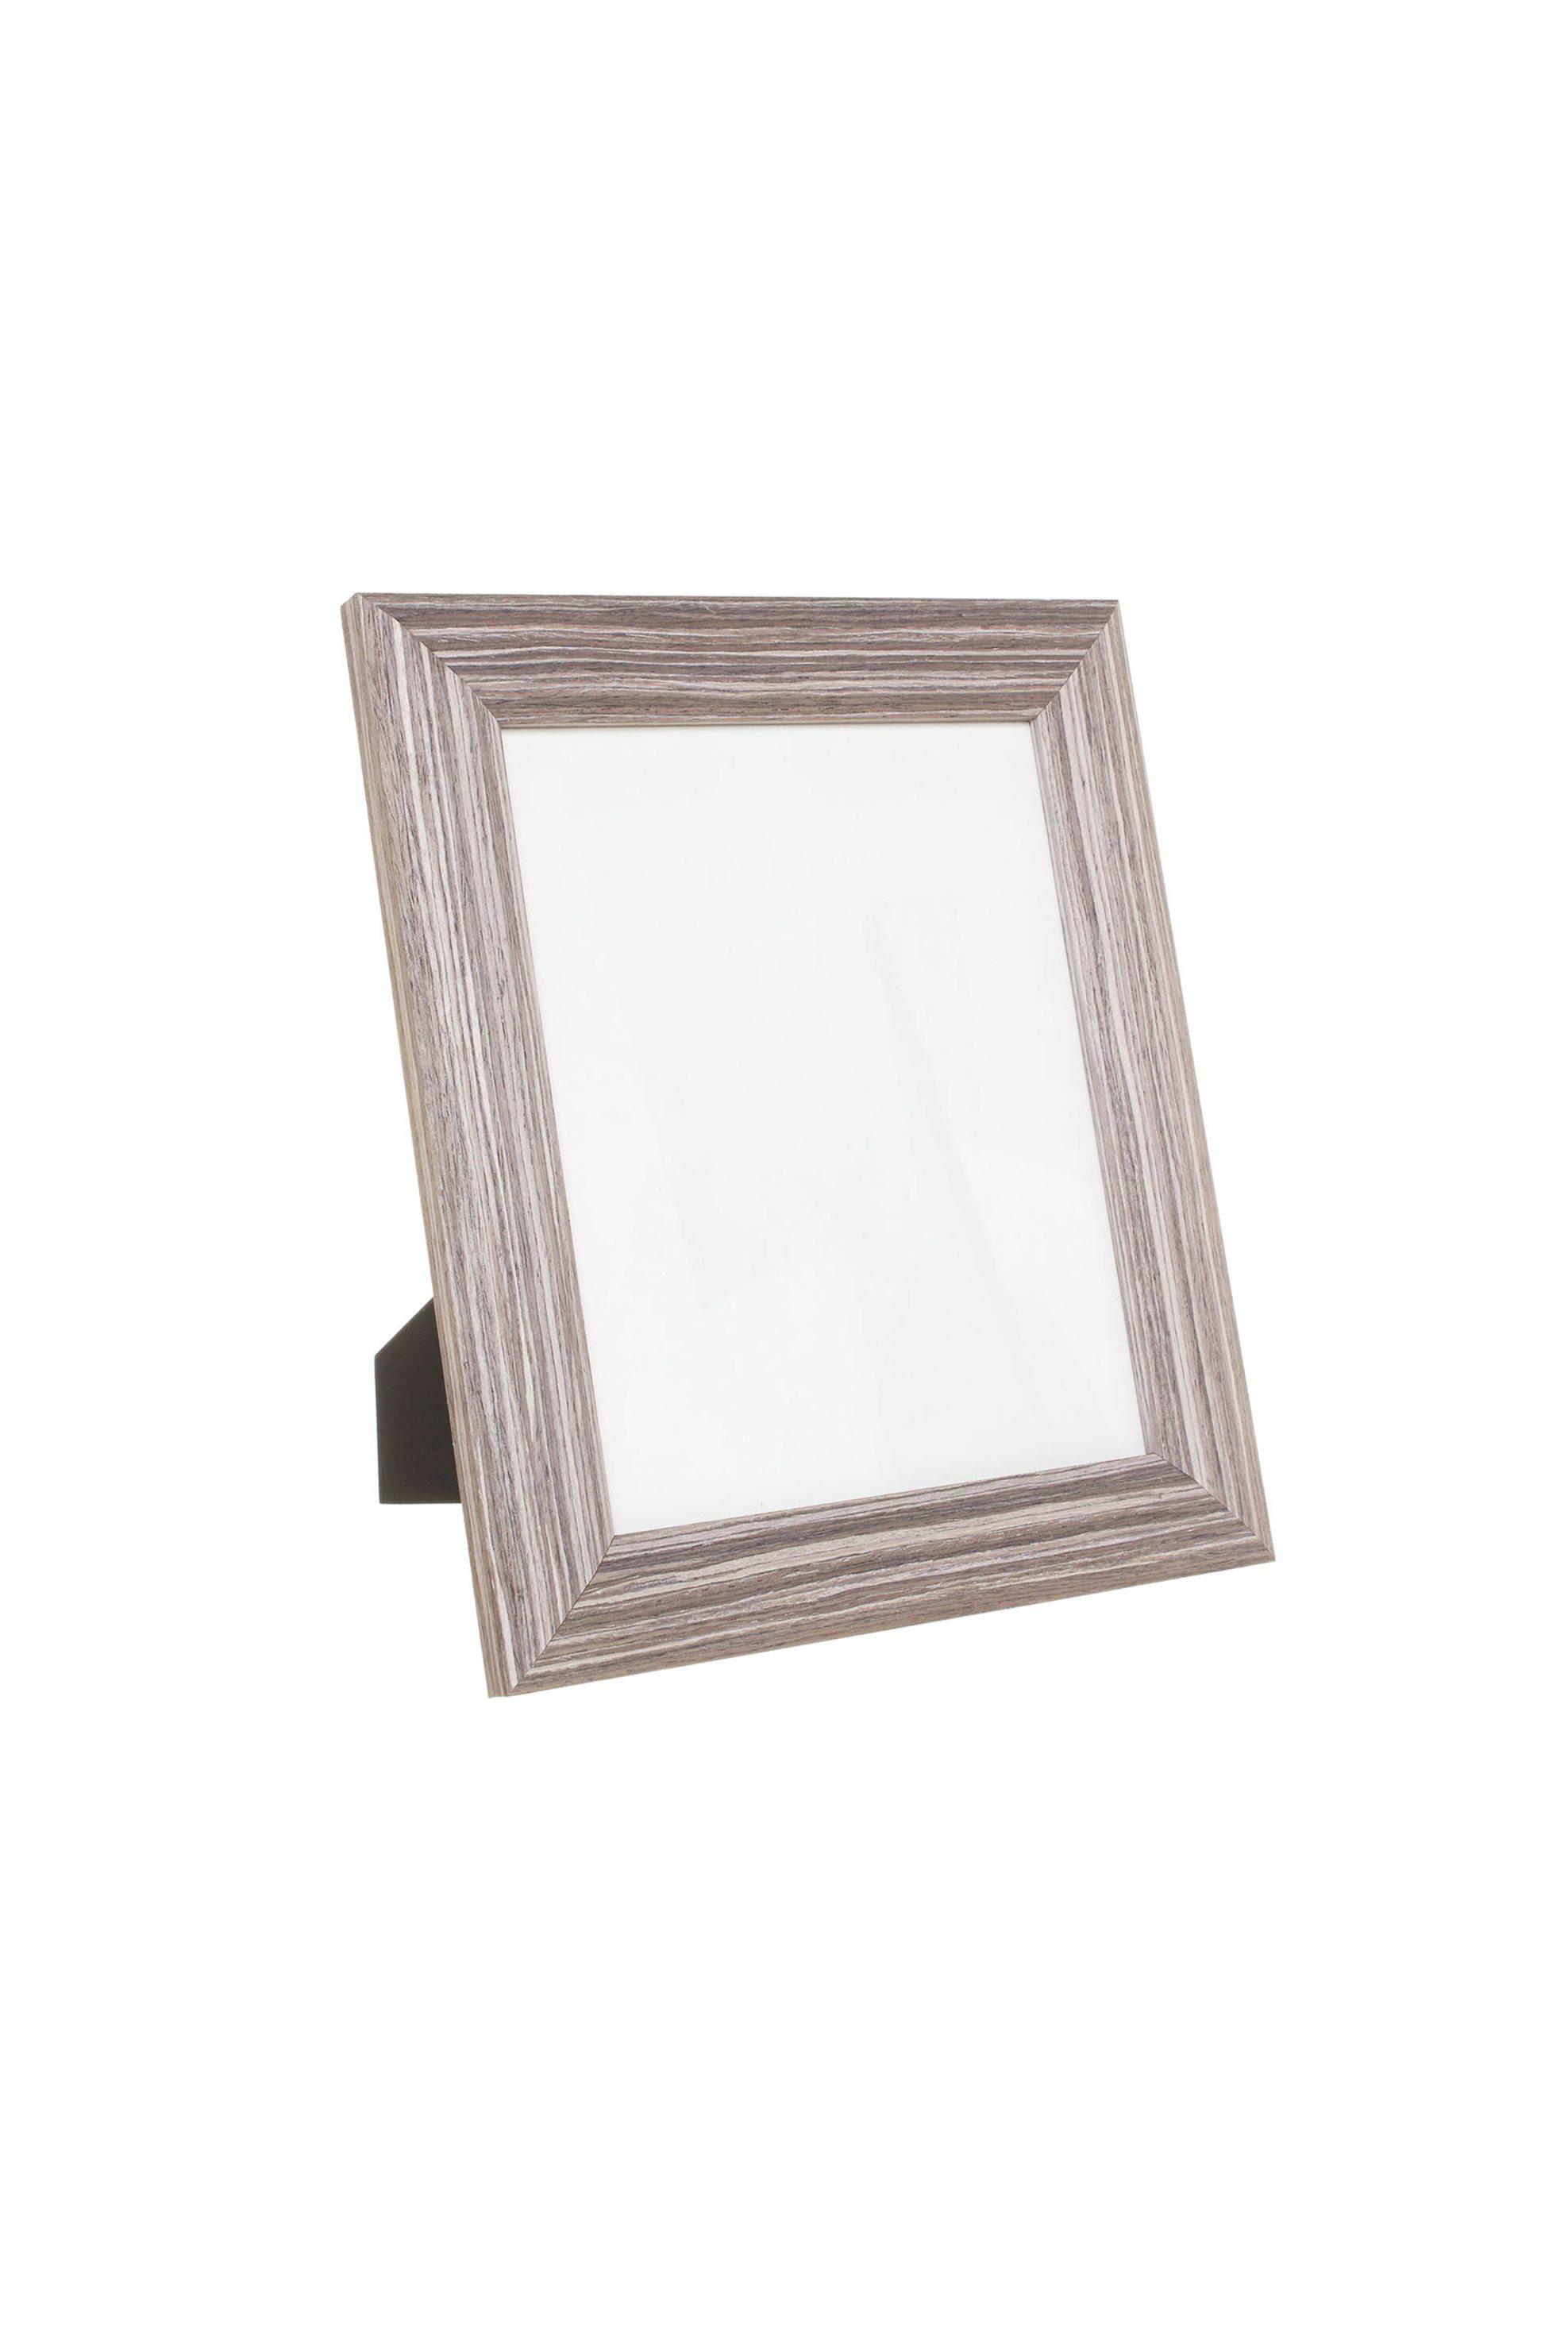 Κορνίζα με πλαίσιο ξύλου 25x20 Coincasa - 005621186 - Γκρι home   σαλονι   κορνίζες